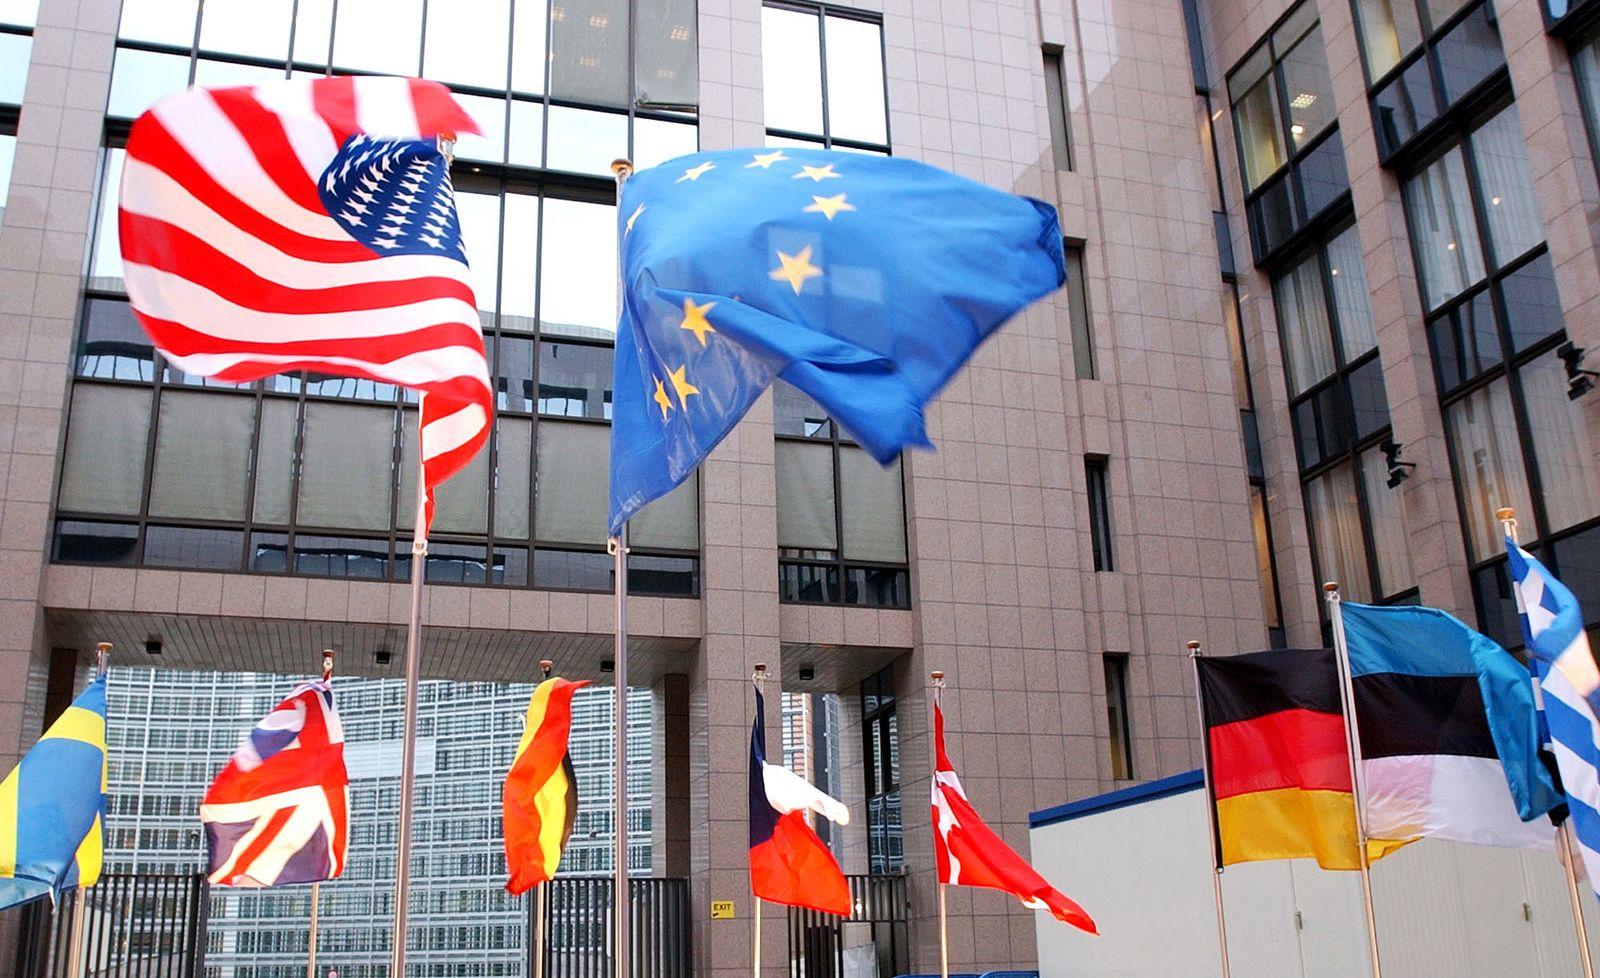 EU USA / Freihandelsabkommen / USA-Fahne / EU-fahne